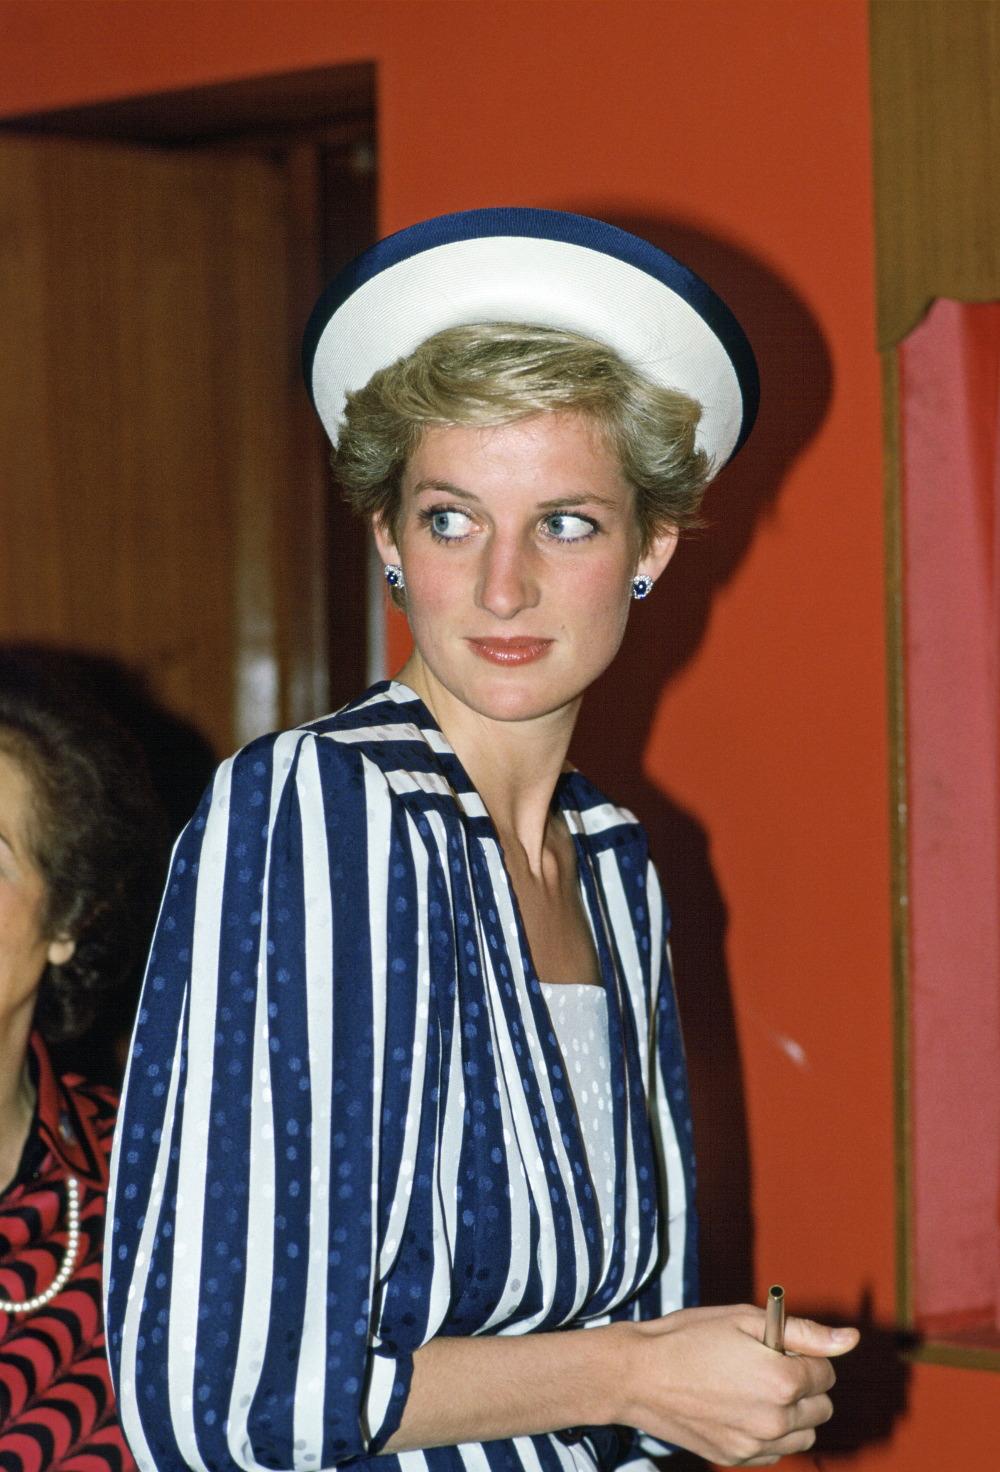 Η πριγκίπισσα Νταϊάνα με ριγέ μπλε με άσπρο σύνολο